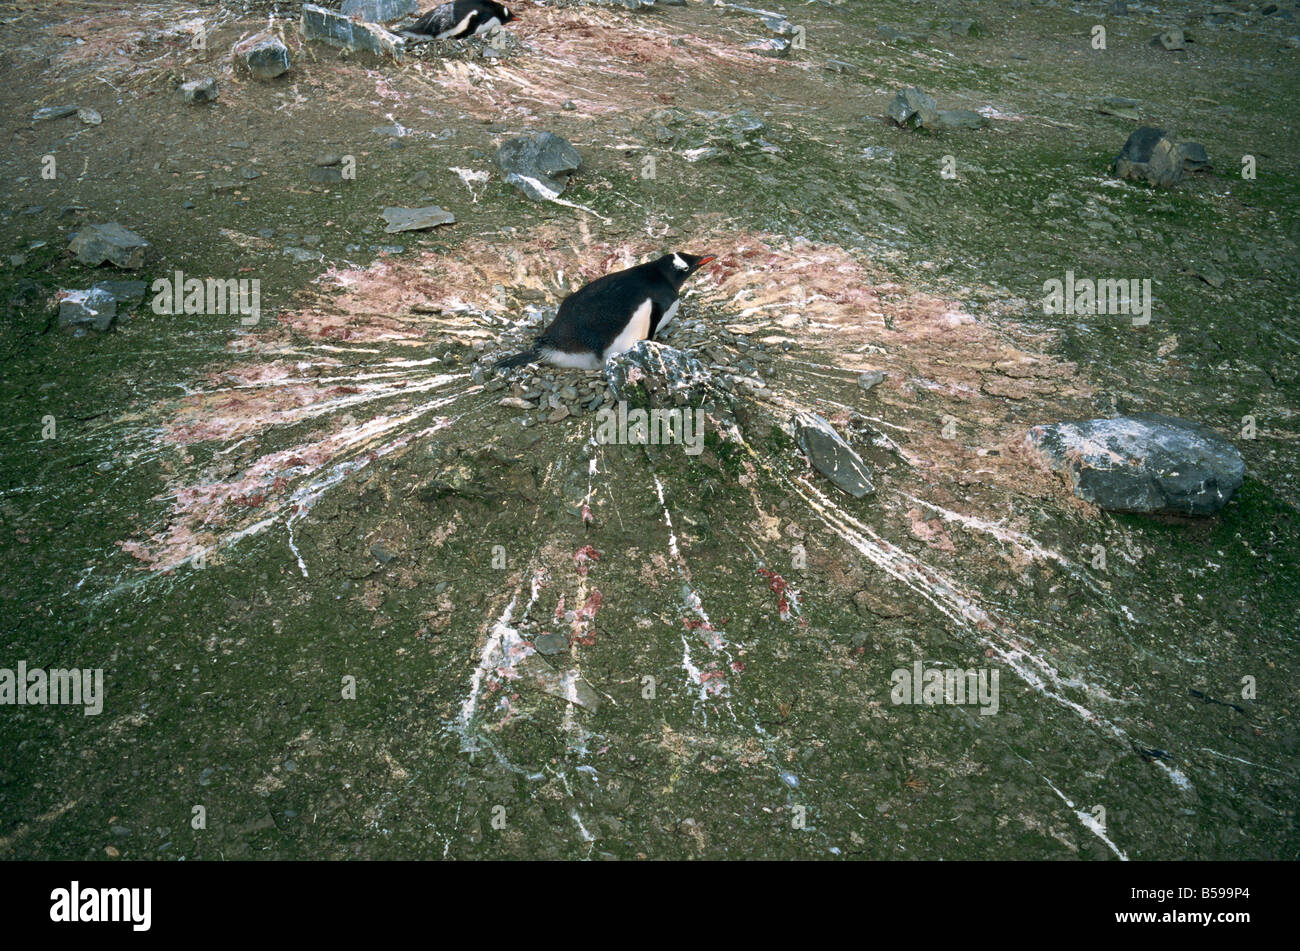 Gentoo penguin during incubation Antarctica Polar Regions - Stock Image